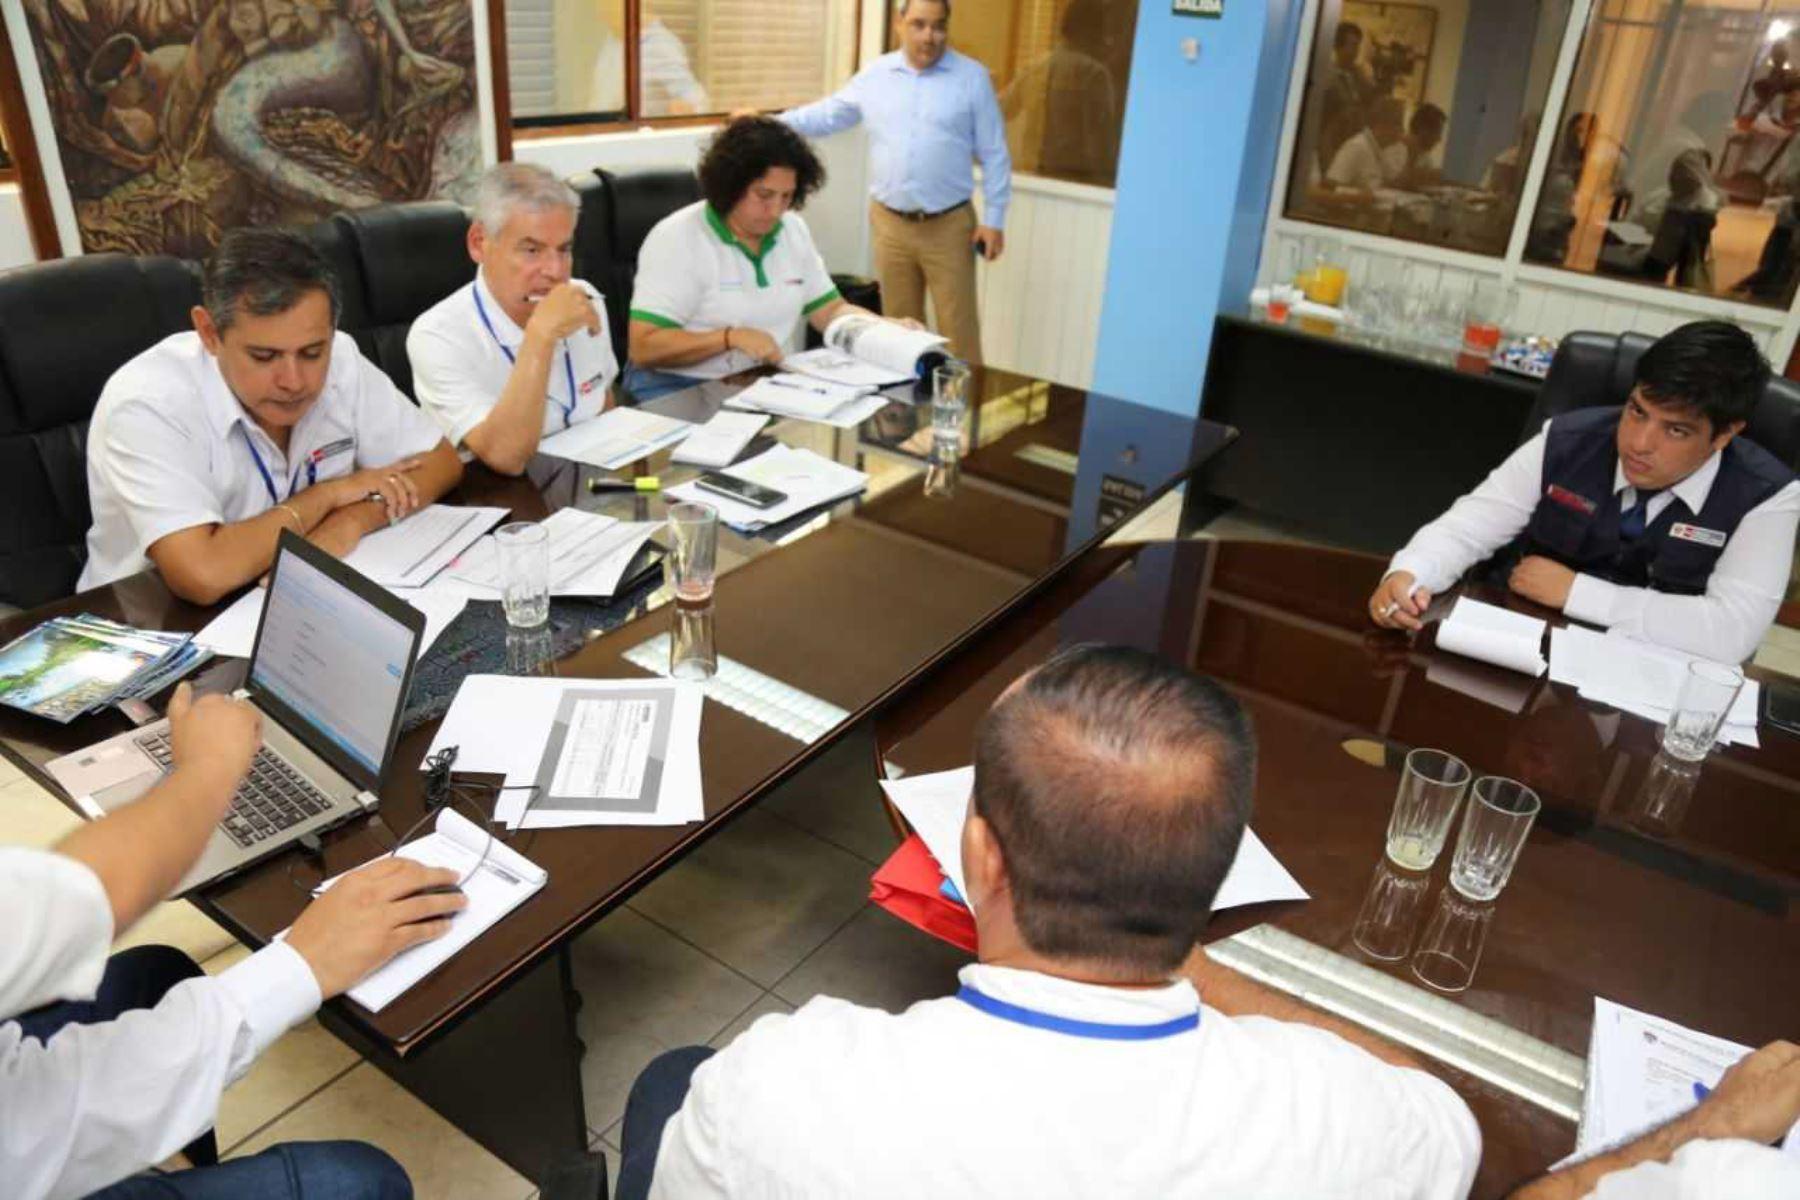 El ministro de Agricultura y Riego, Gustavo Mostajo anunció hoy durante el Muni Ejecutivo en Ucayali que el Minagri asignó 870,000 soles a dicha región, a fin de mejorar la producción de carne y leche en vacunos, y de esta manera elevar la calidad de vida del productor pecuario.